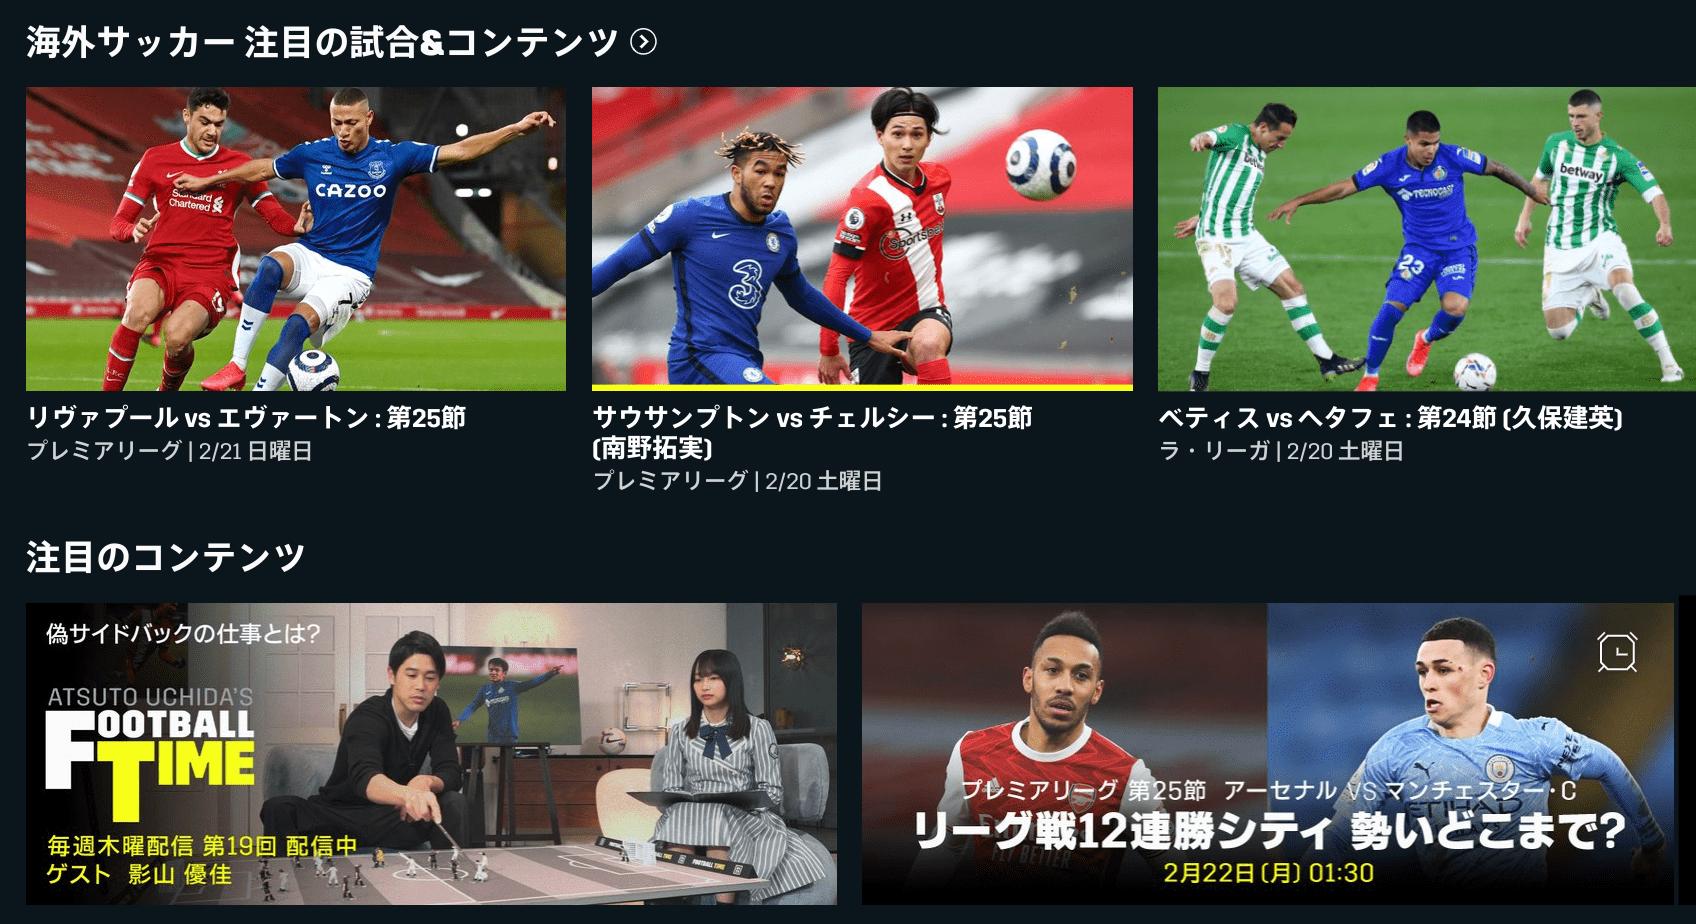 DAZN_Jリーグコンテンツ_海外サッカー